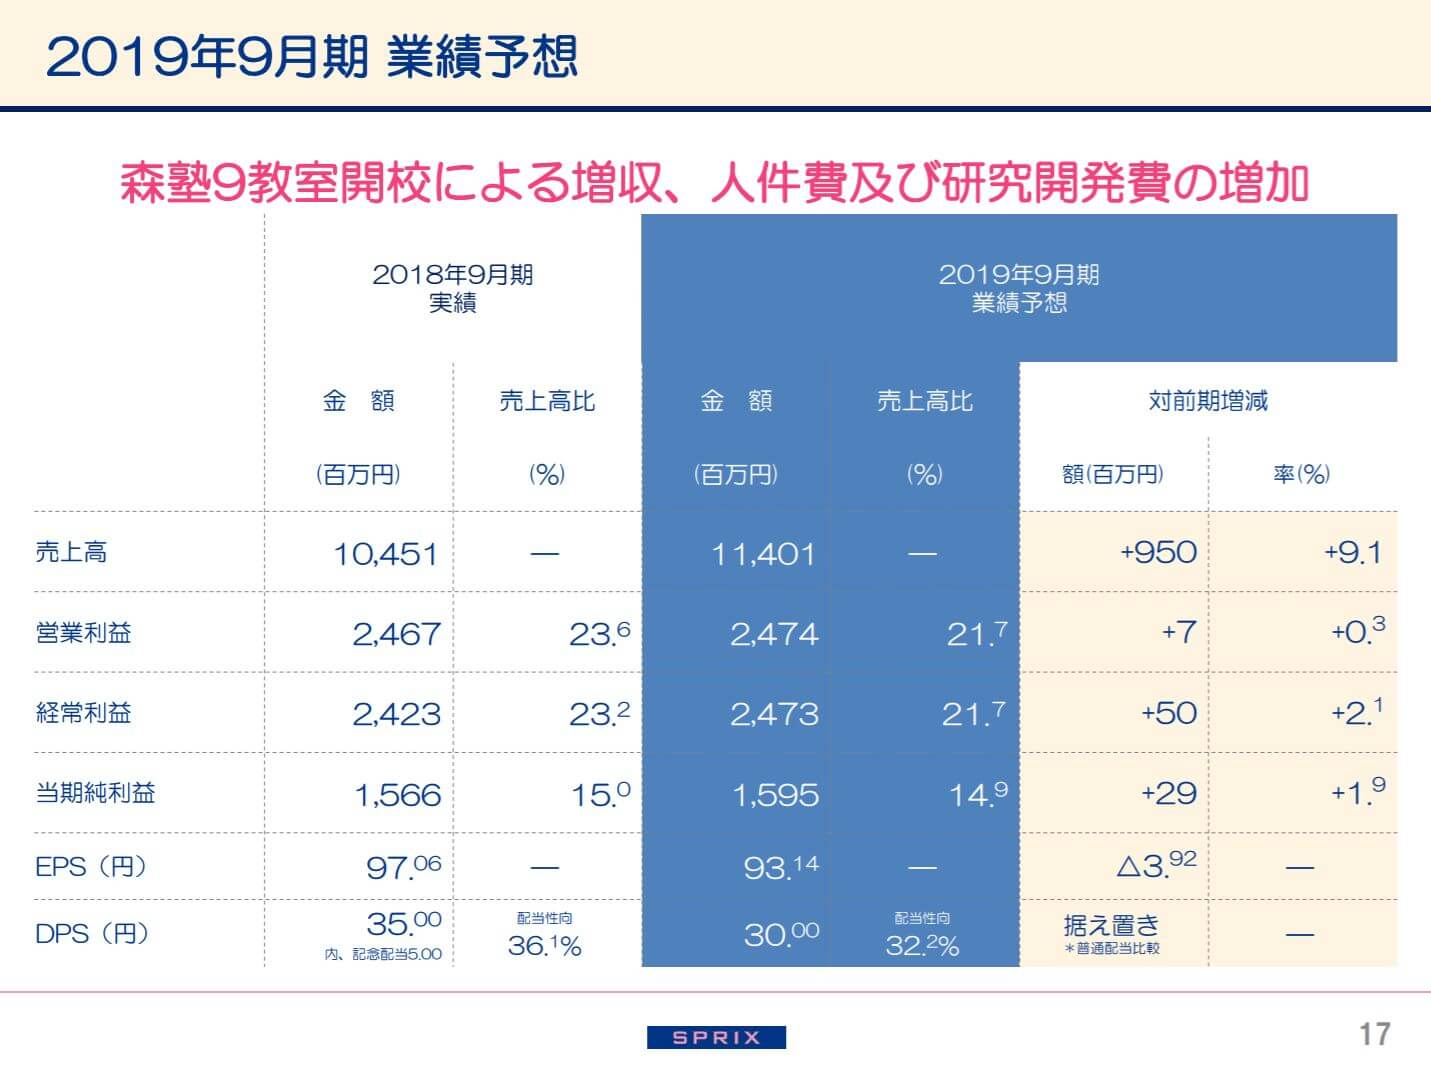 スプリックスの2018年9月期決算説明会資料(2019年9月期業績予測)